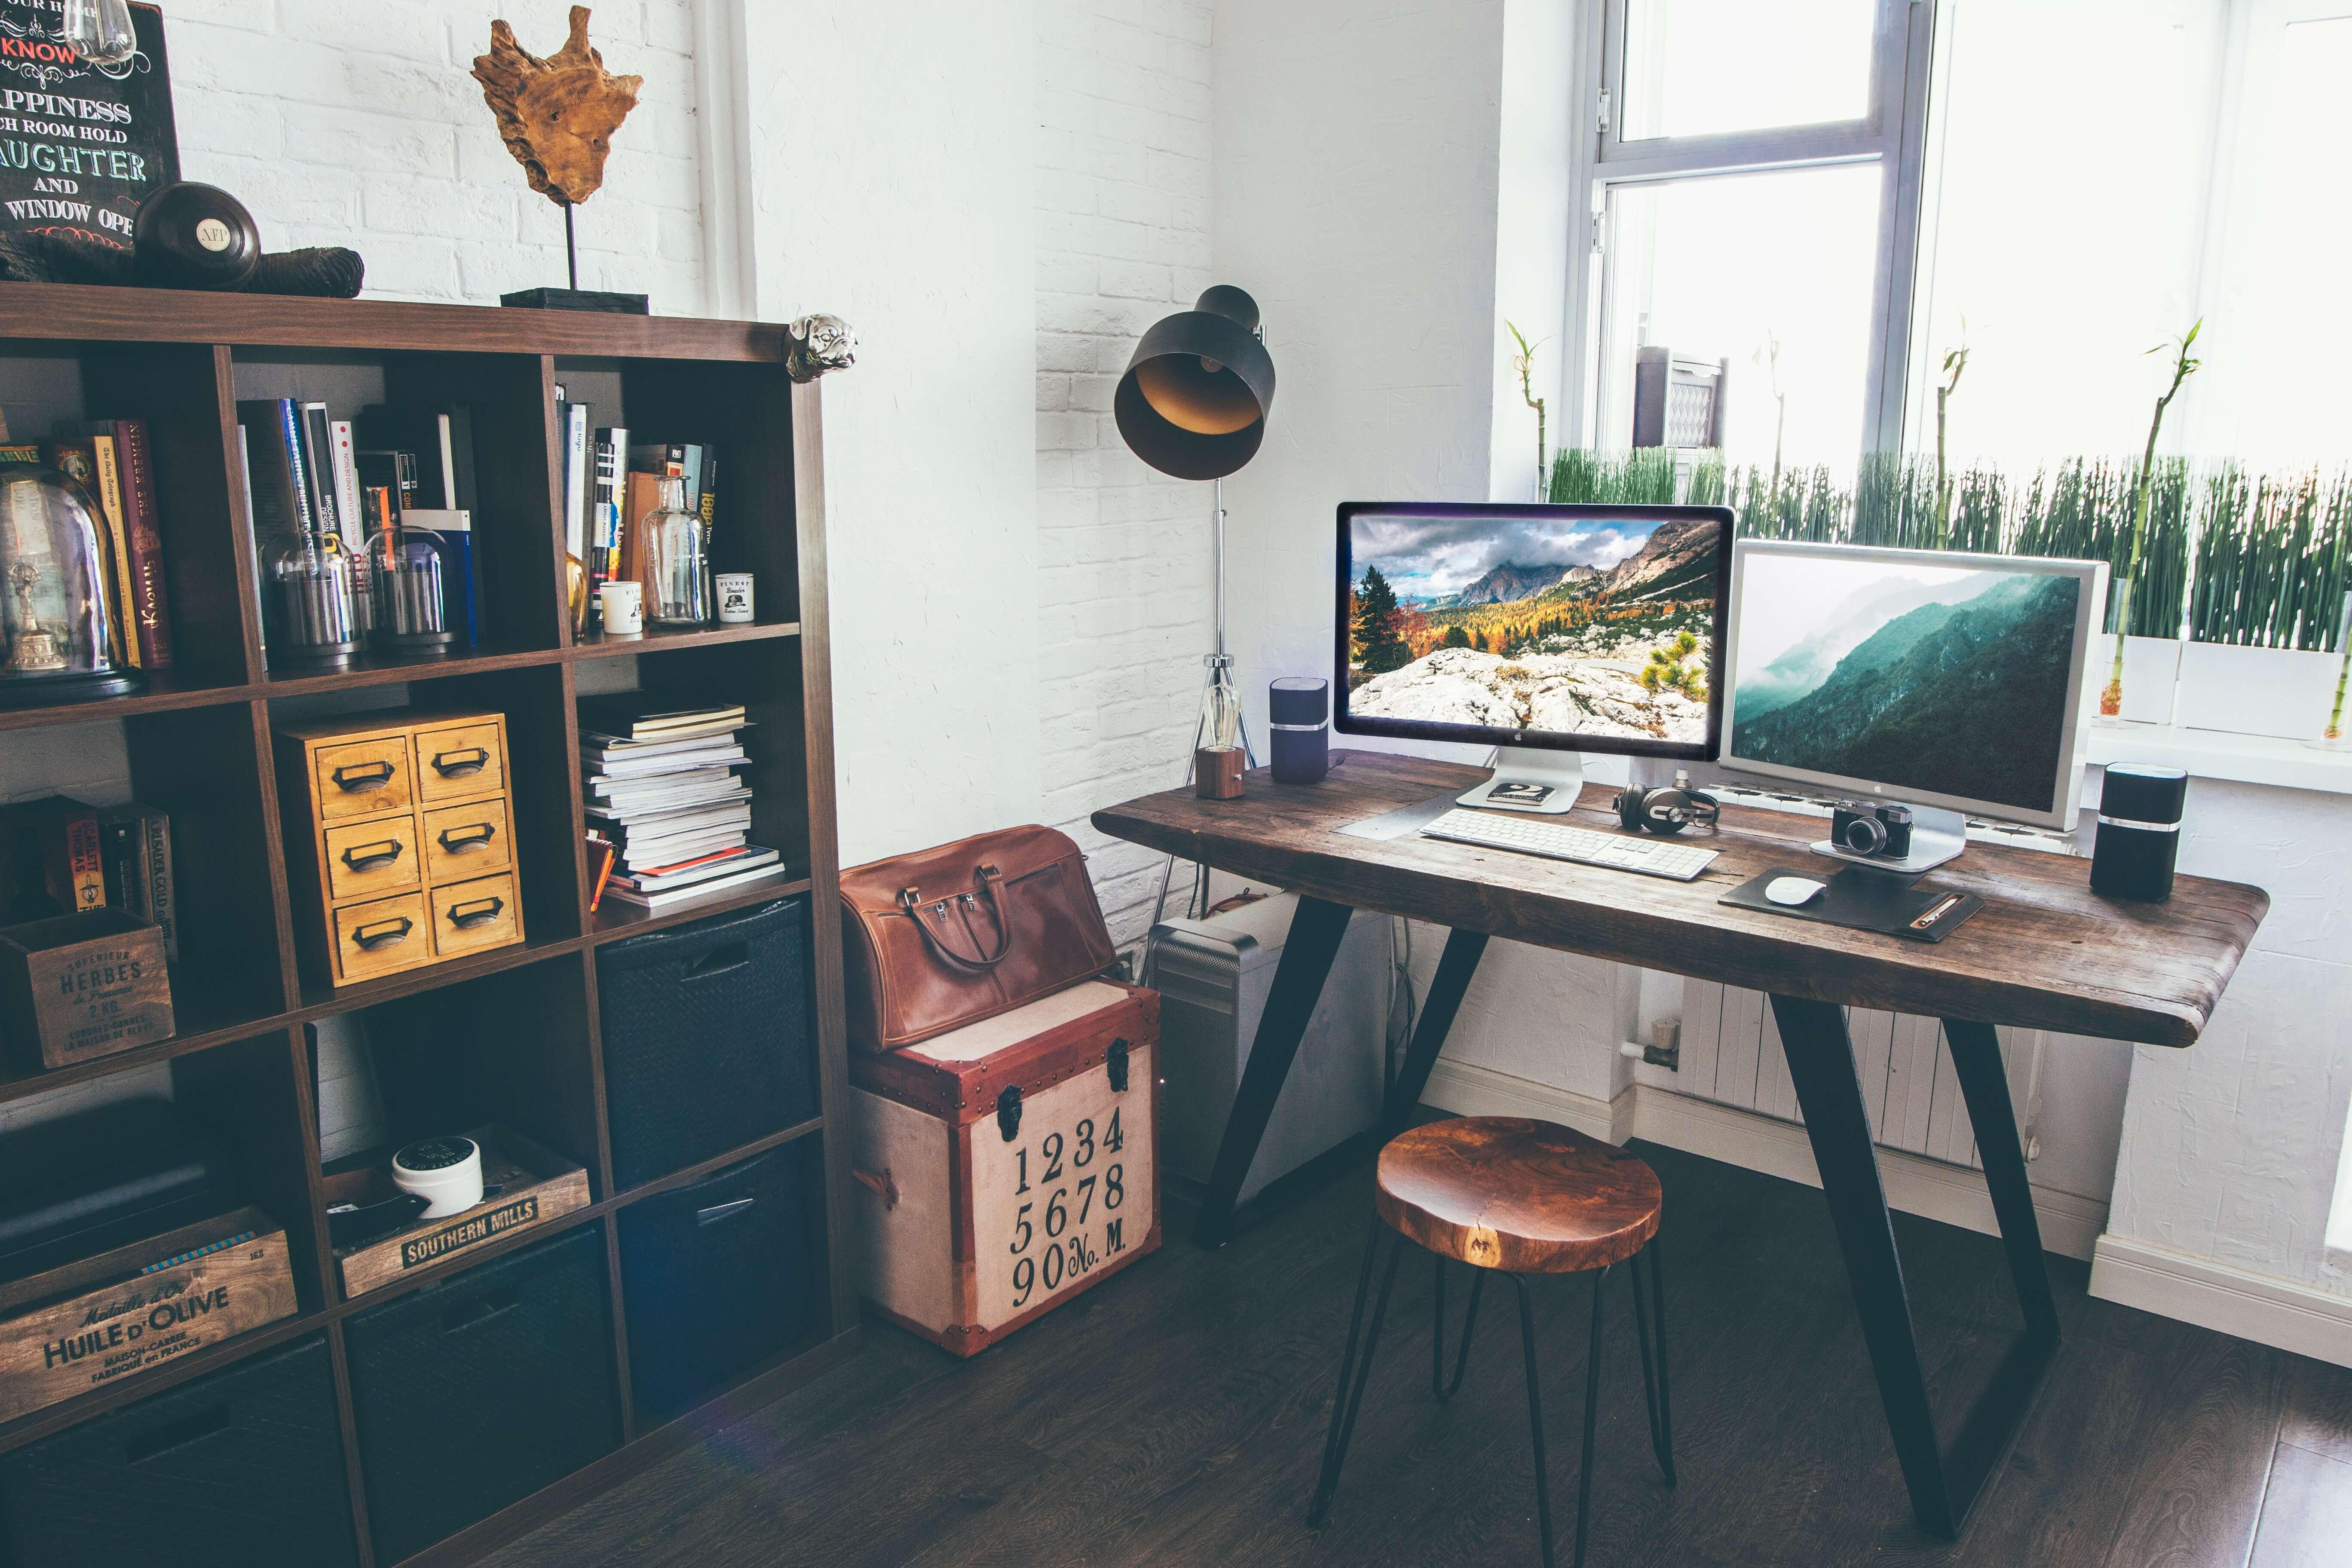 Az irodai polcok nemcsak tároló helyként szolgálnak, hanem egyaránt stílusos kiegészítő is.